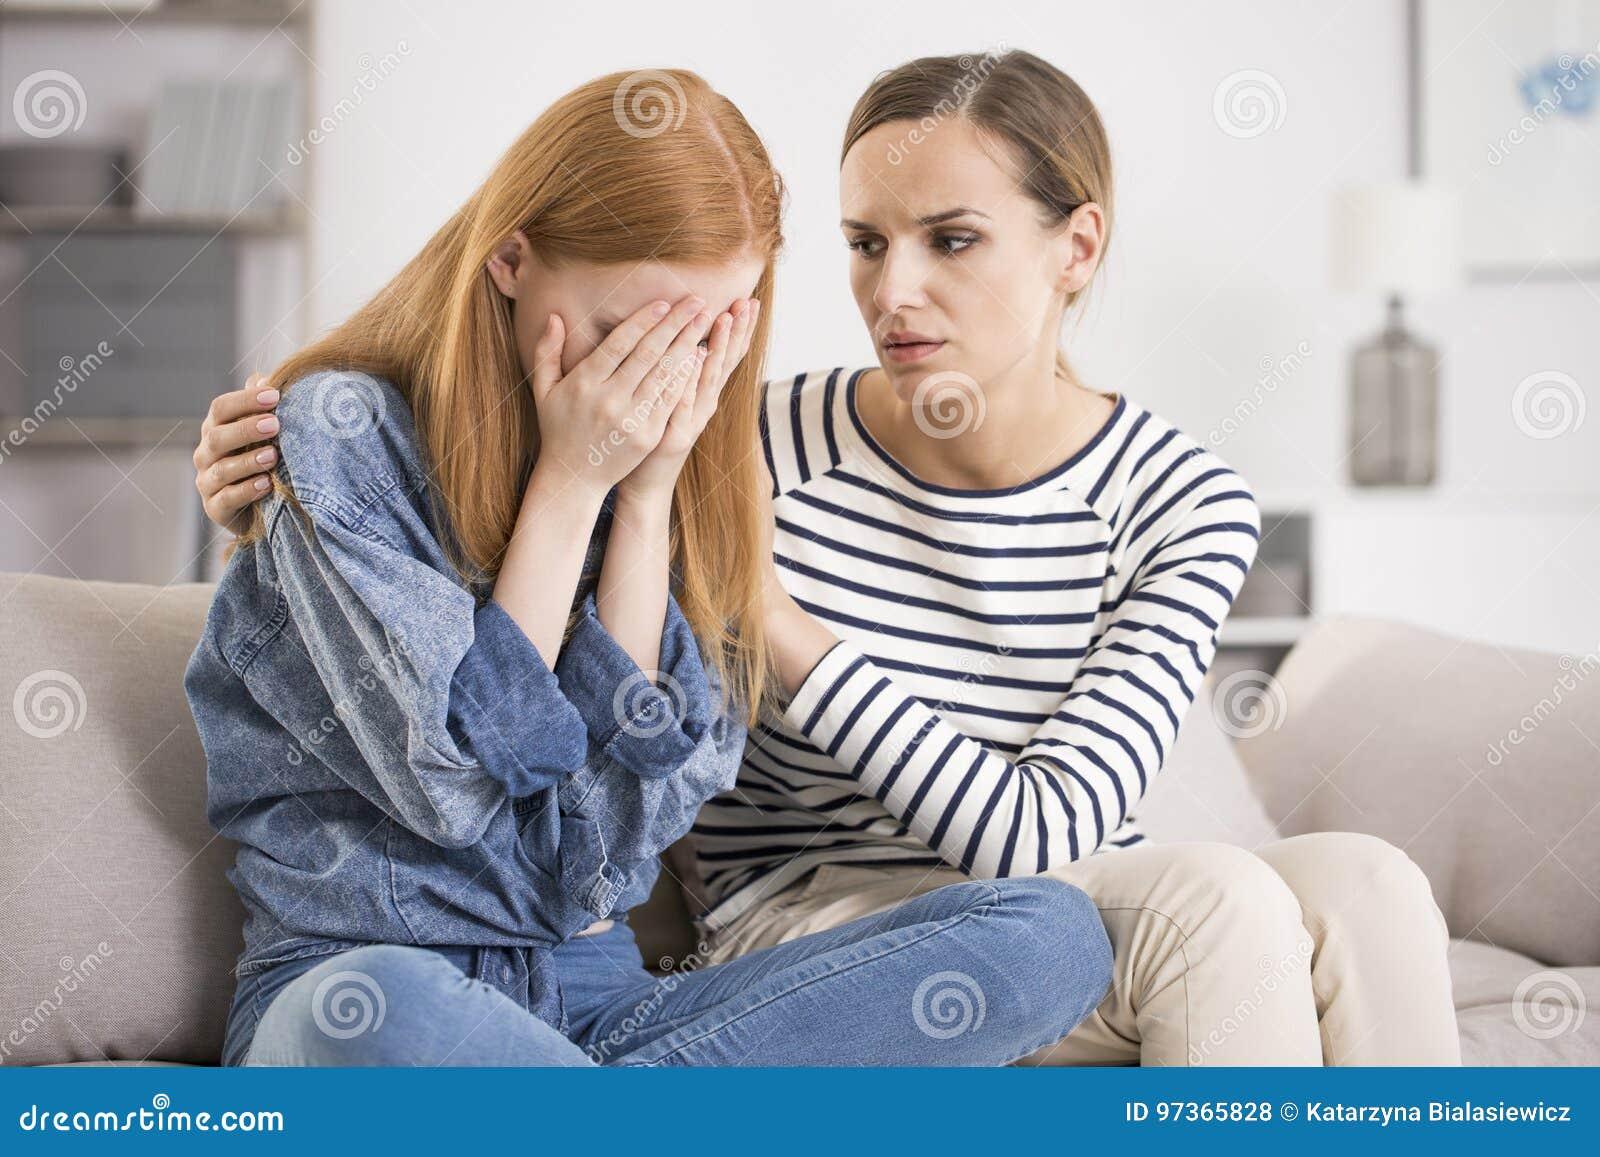 Mulher deprimida consolada pelo amigo